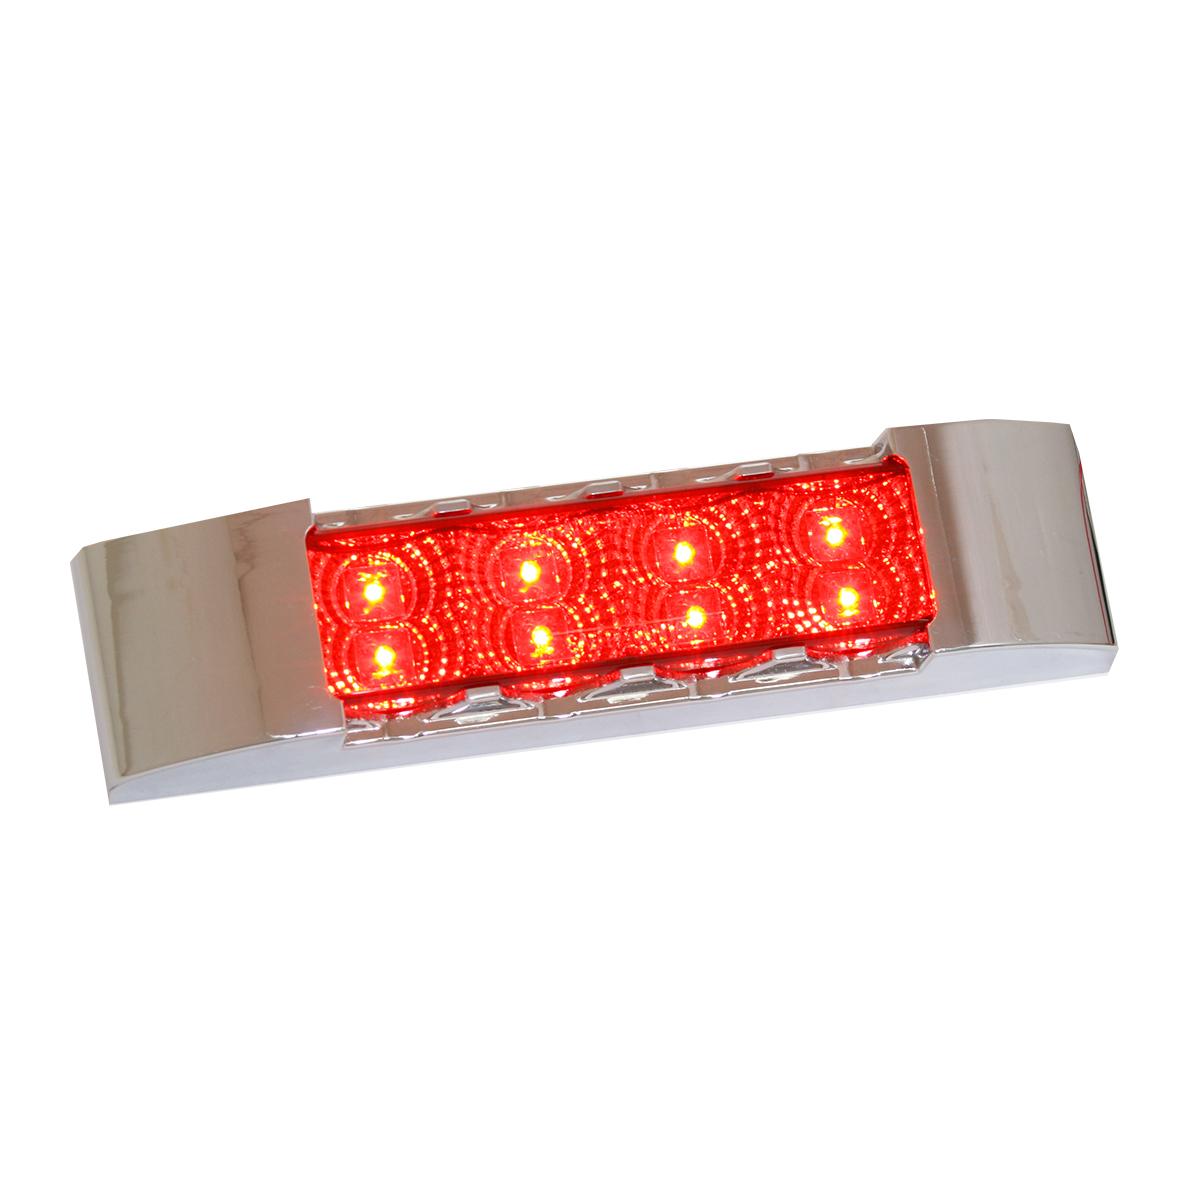 76172 Slim Rectangular Spyder LED Light in Red/Red with Chrome Plastic Bezel